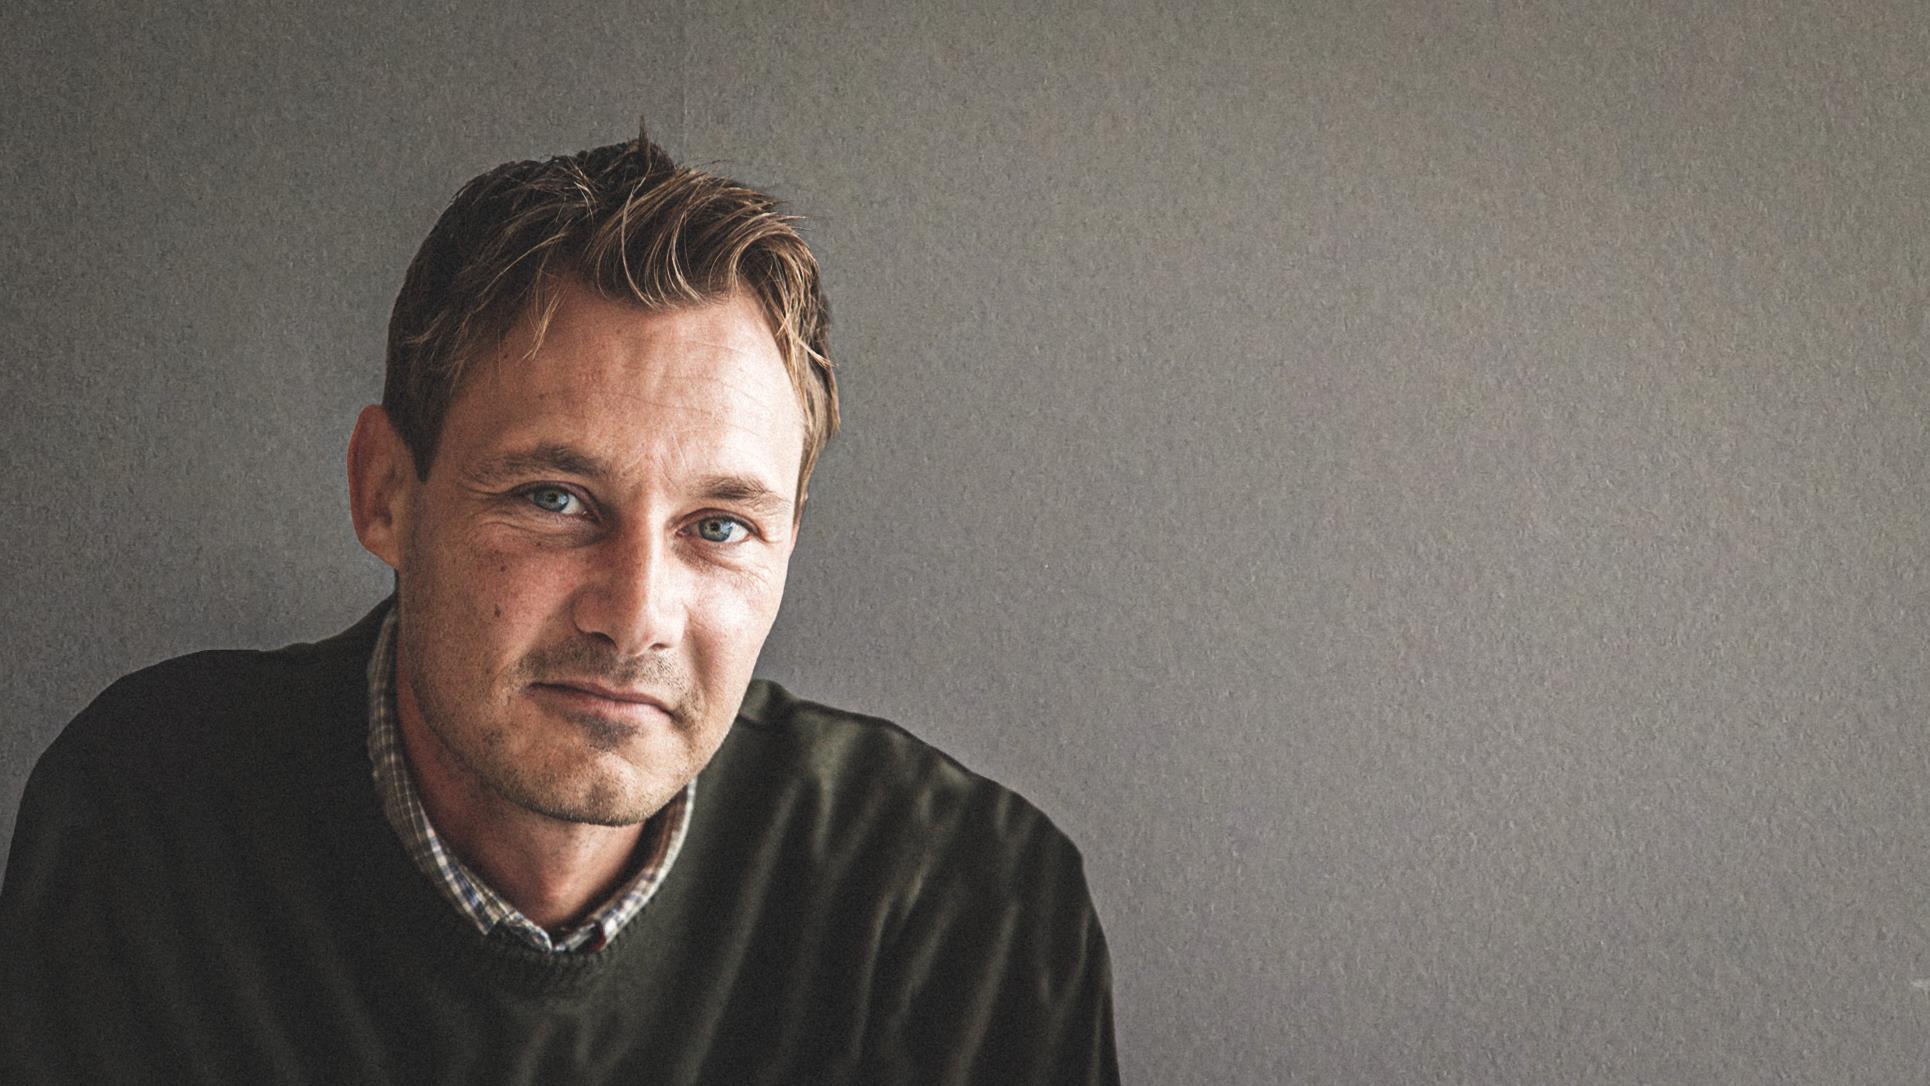 Profil billede af arkitekt Mogens Starcke